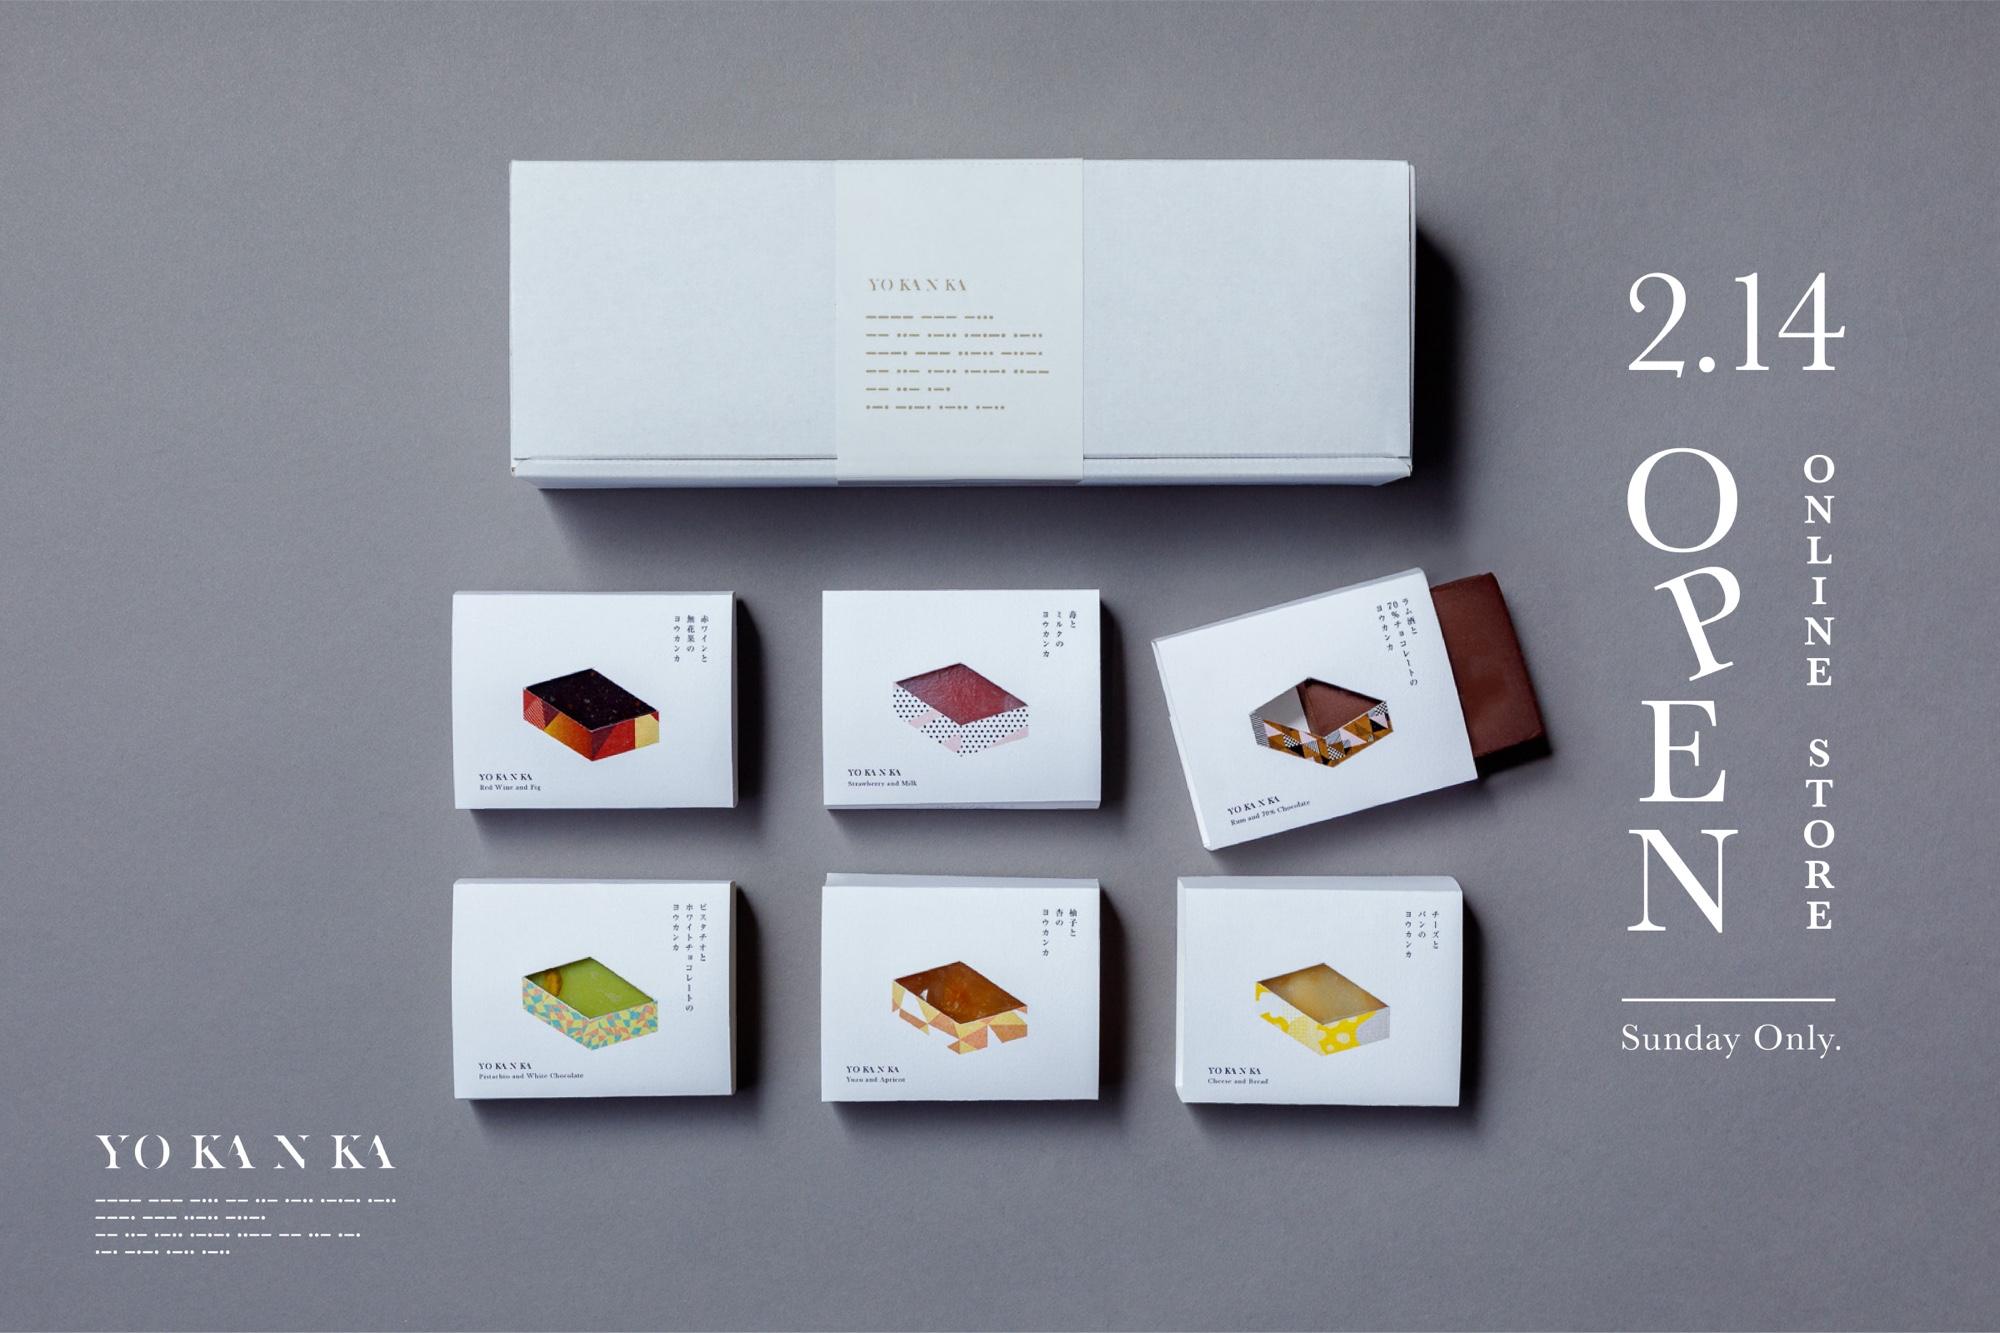 京都でしか買えなかった喫茶「お茶と酒 たすき」の手土産ブランド『YO KAN KA』、2021年2月14日(日)よりオンライン販売をスタートします。